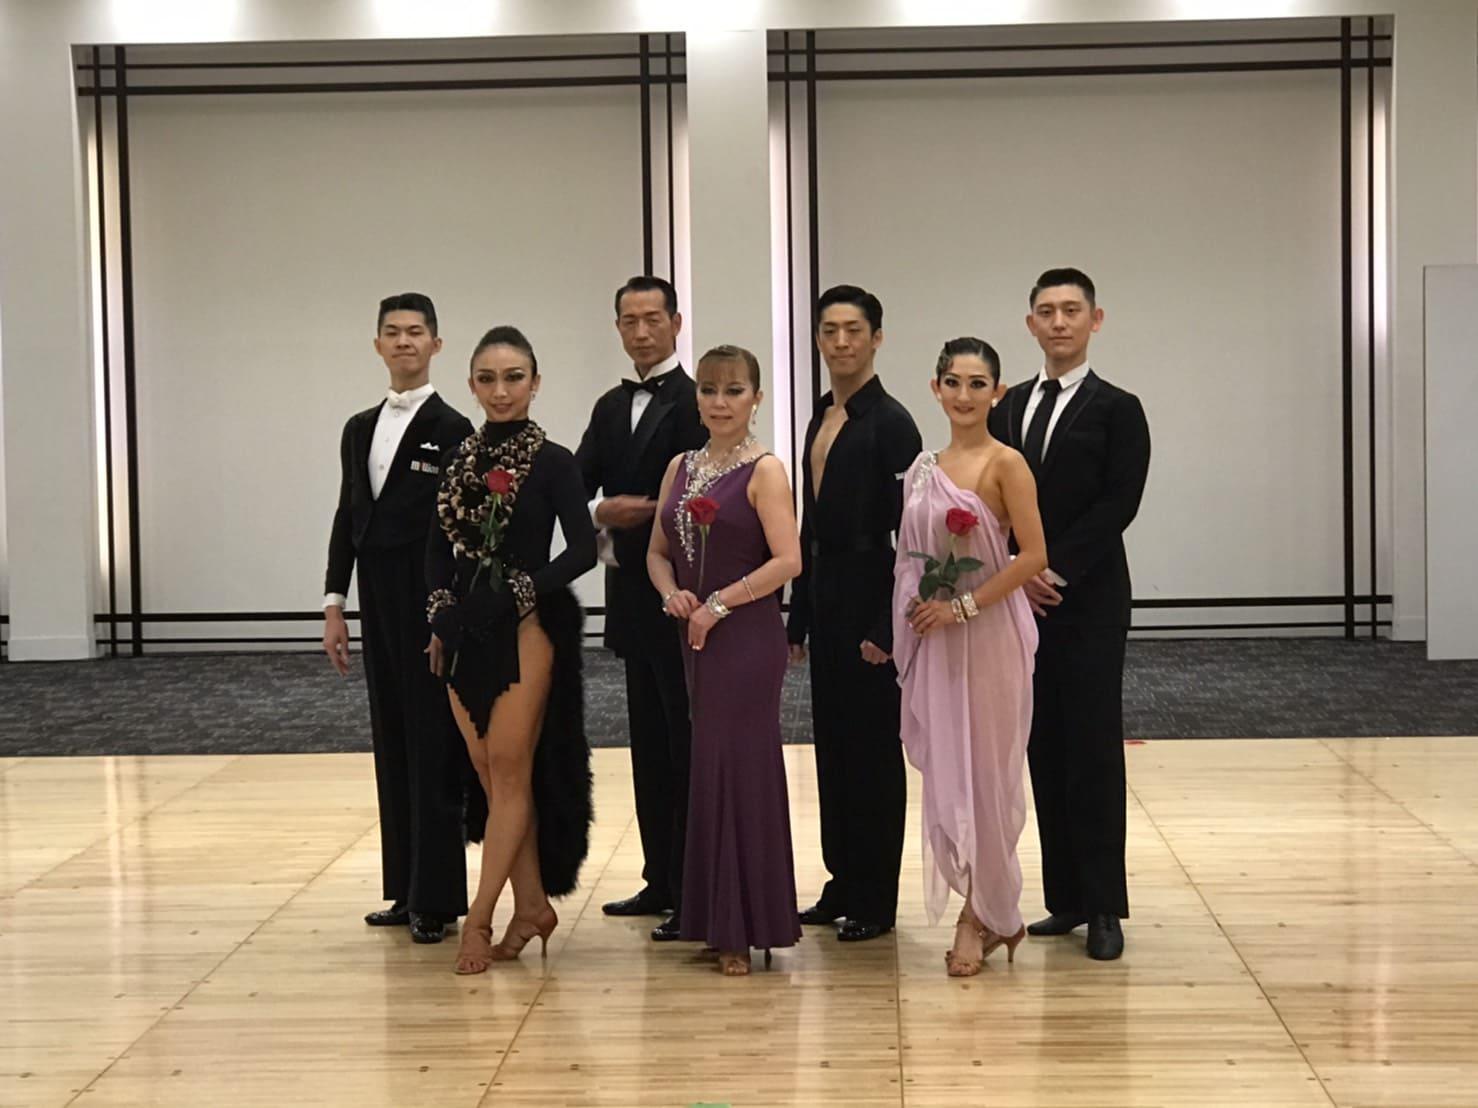 社交ダンス|パーティー|北越谷|ベルビィギャザホール|春日部AKIダンスアカデミー